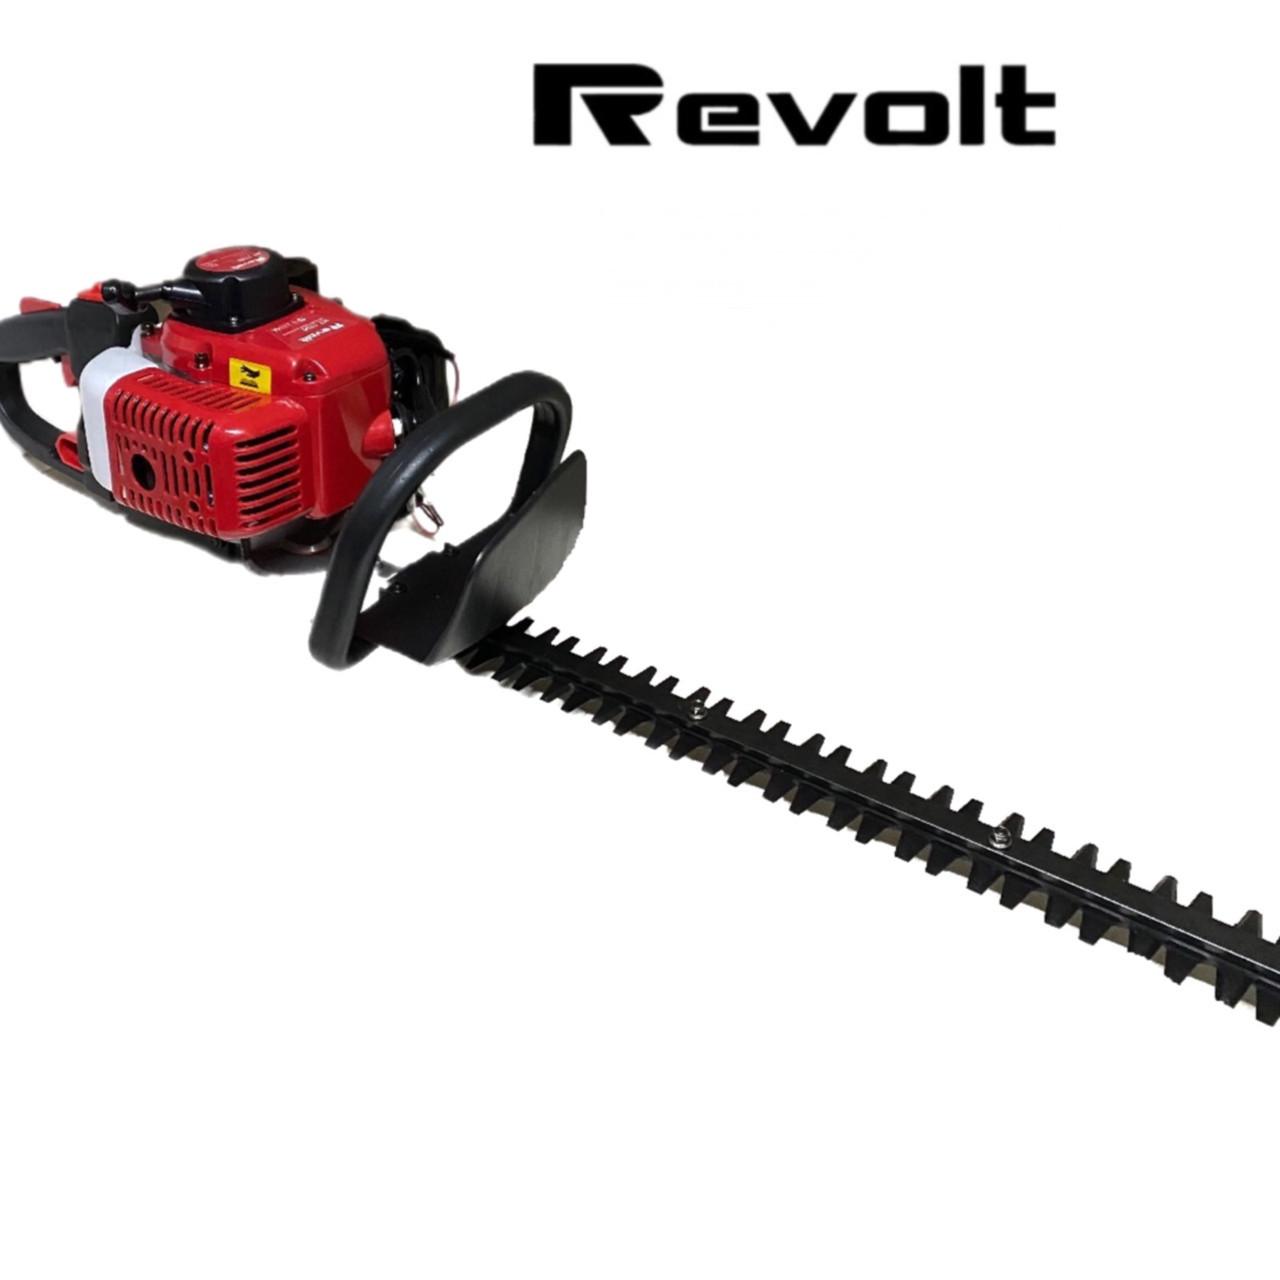 Бензиновый кусторез Revolt HT 1700